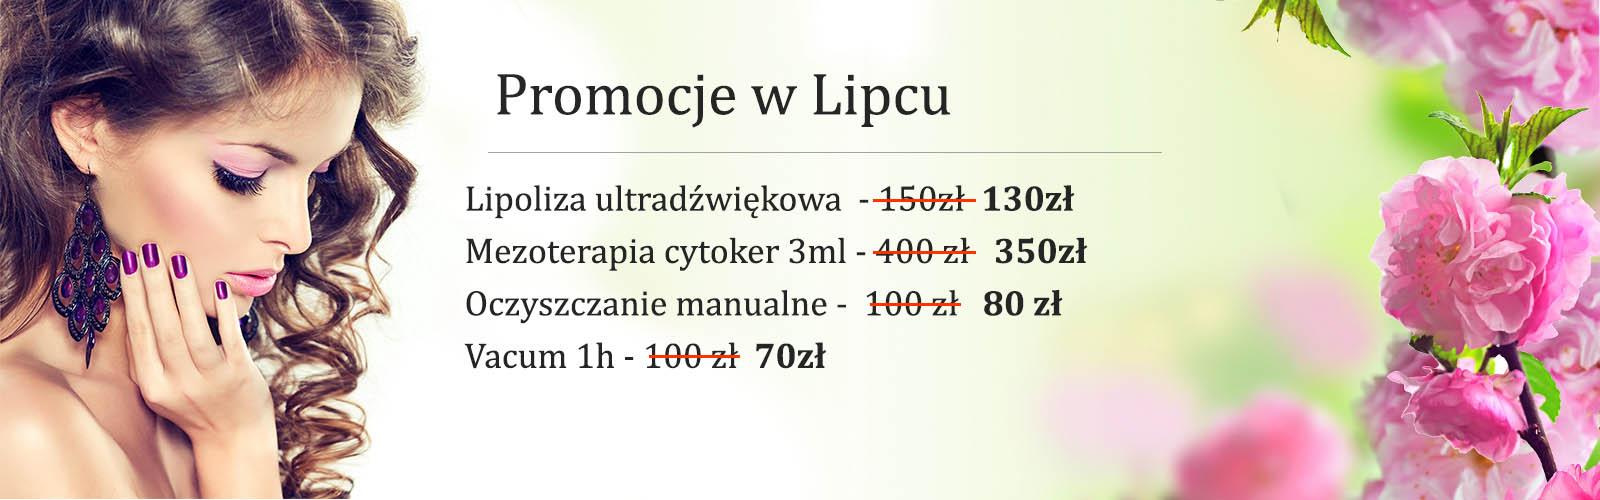 prom-lipiec